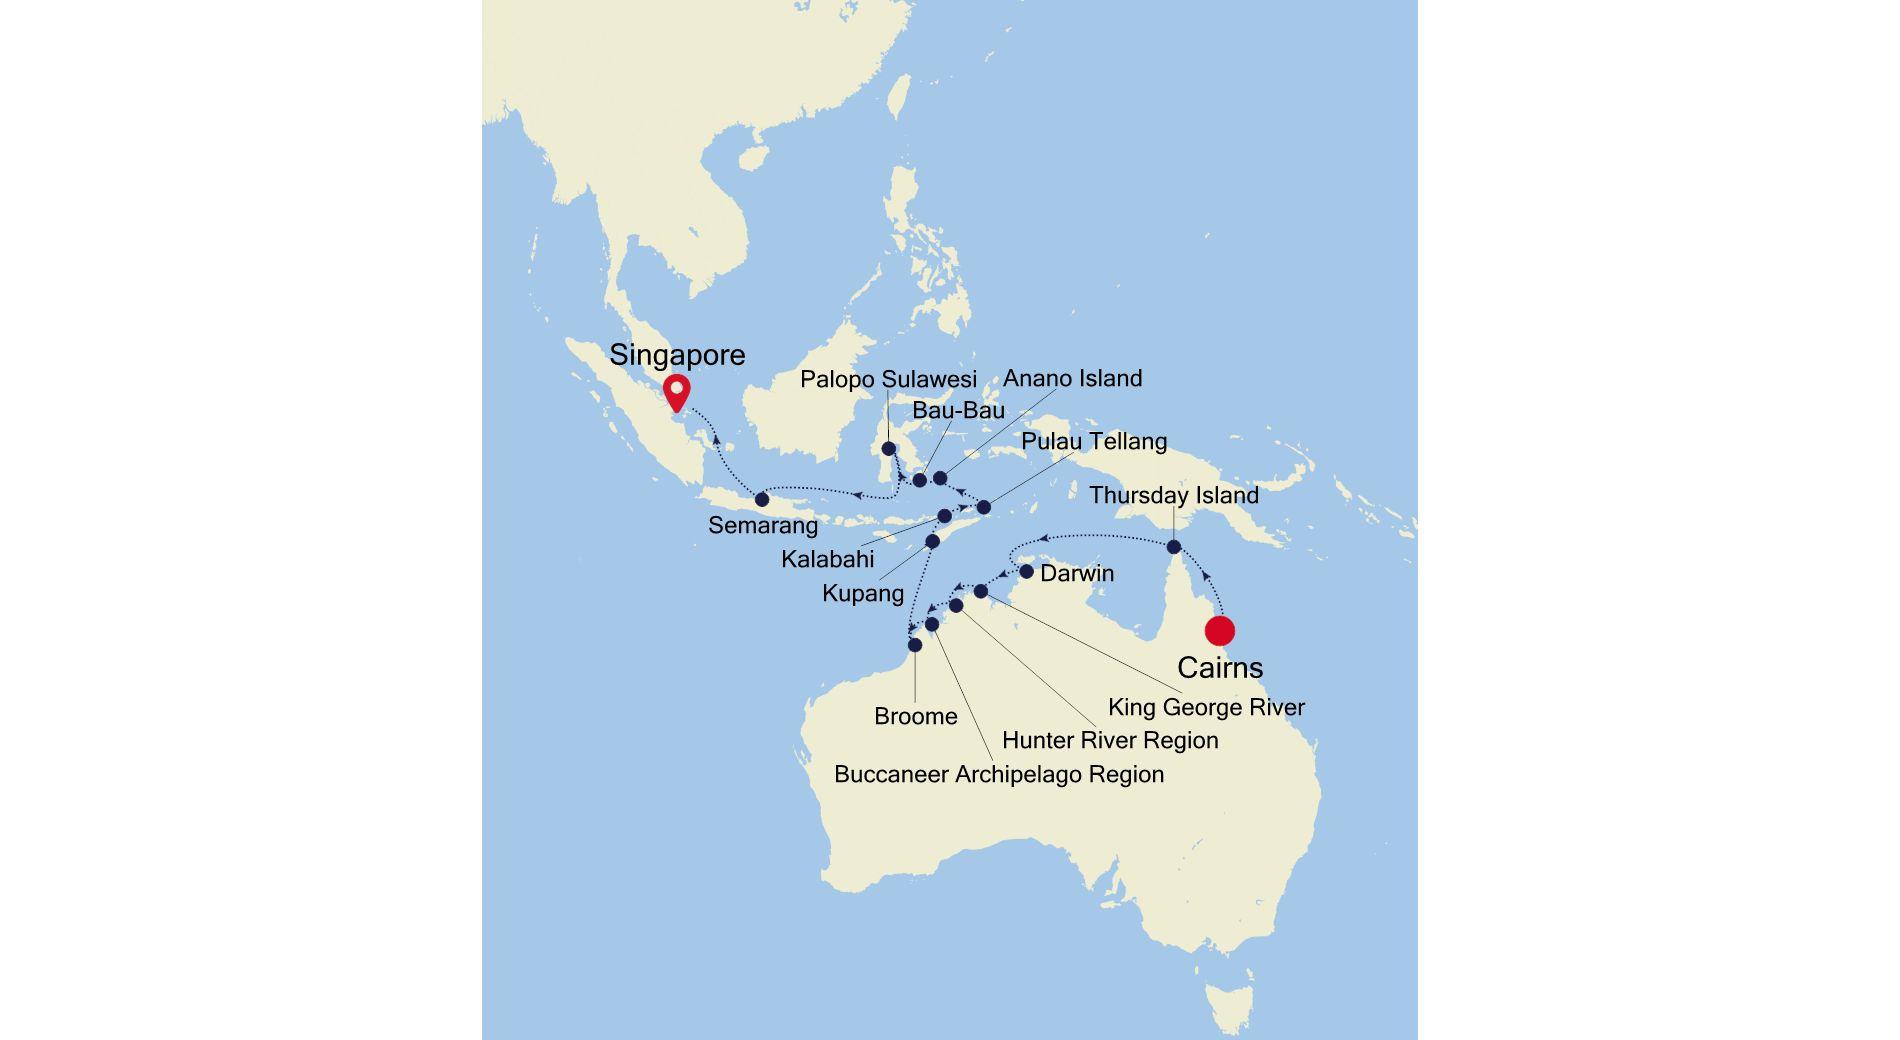 E4220401022 - Cairns nach Singapore